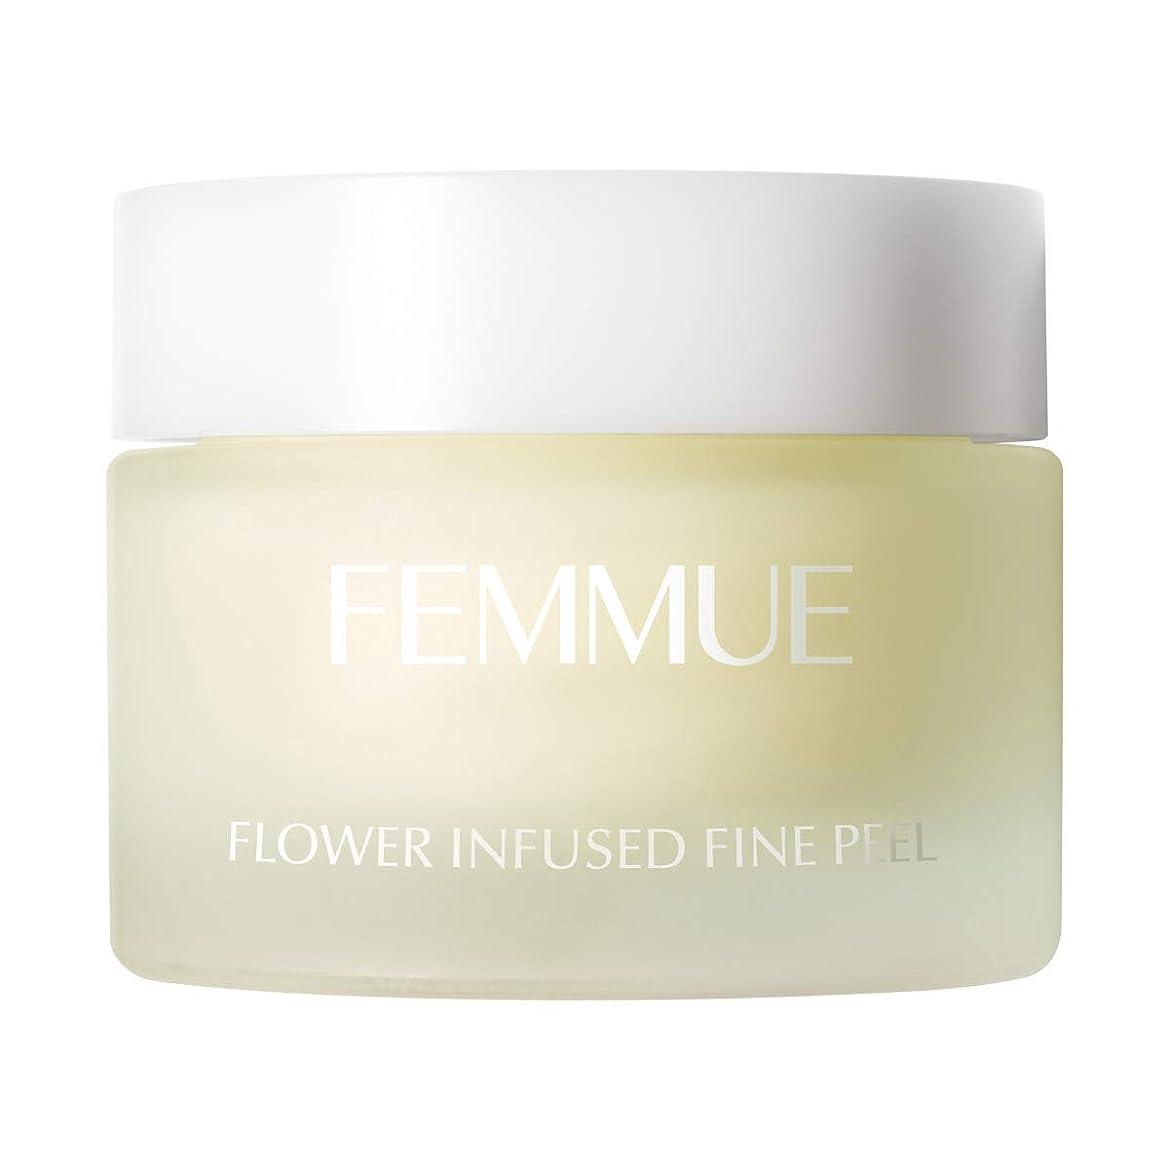 今極地適度なFEMMUE(ファミュ) フラワーインフューズド ファインピール<角質ケアジェル>50g 日本正規品 洗顔 シダーウッド、ゼラニウム、白檀、ジャスミン